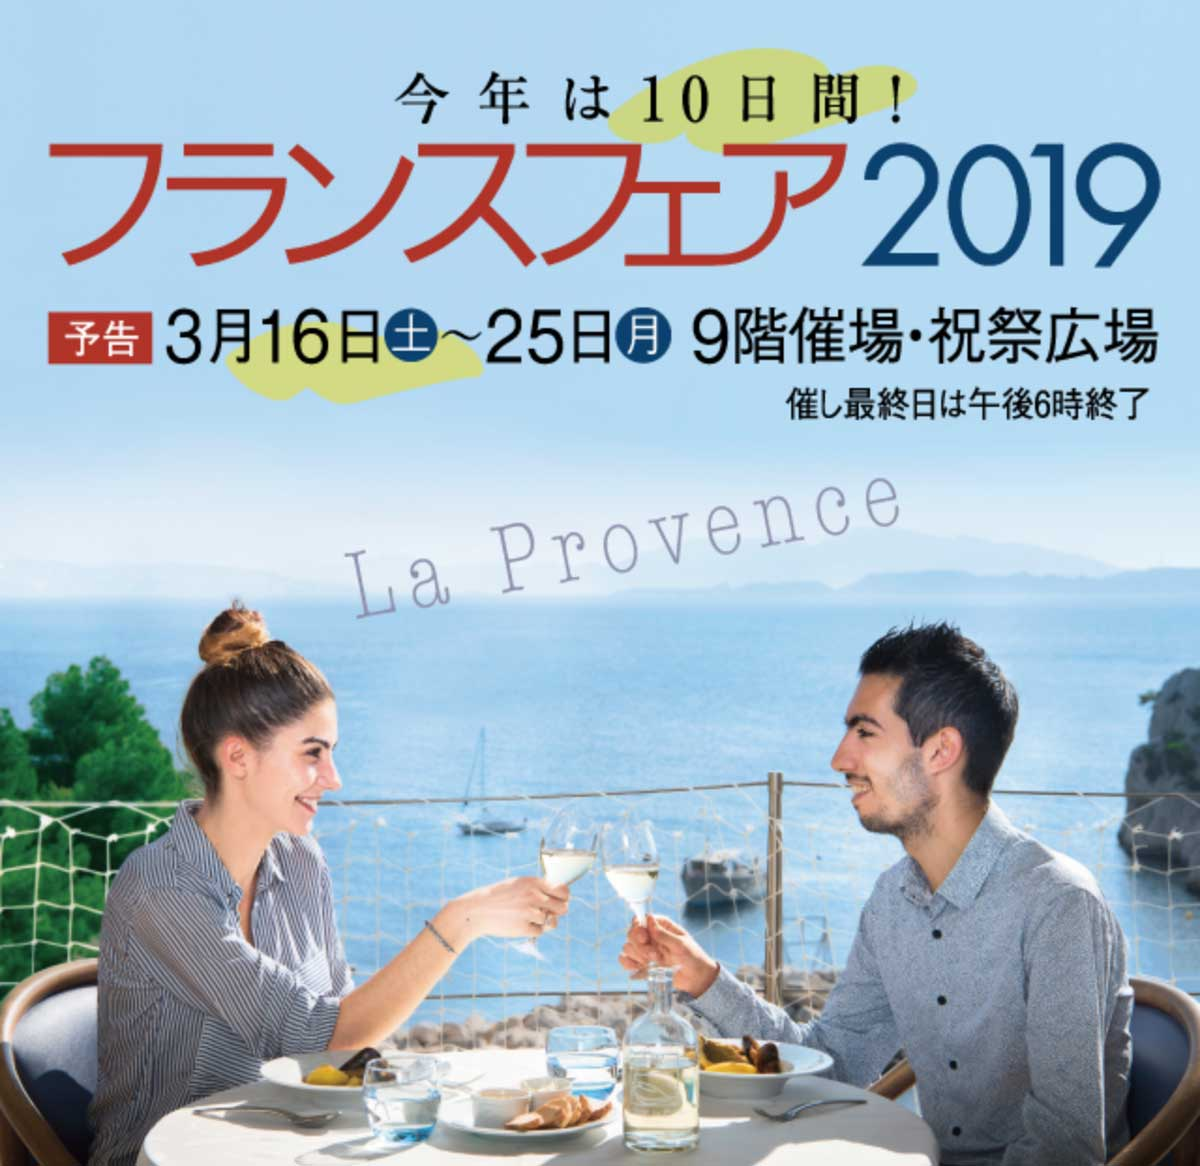 """阪急うめだ本店 フランスフェア2019に出店。今回のテーマは """"南仏プロヴァンスの幸せ時間"""""""